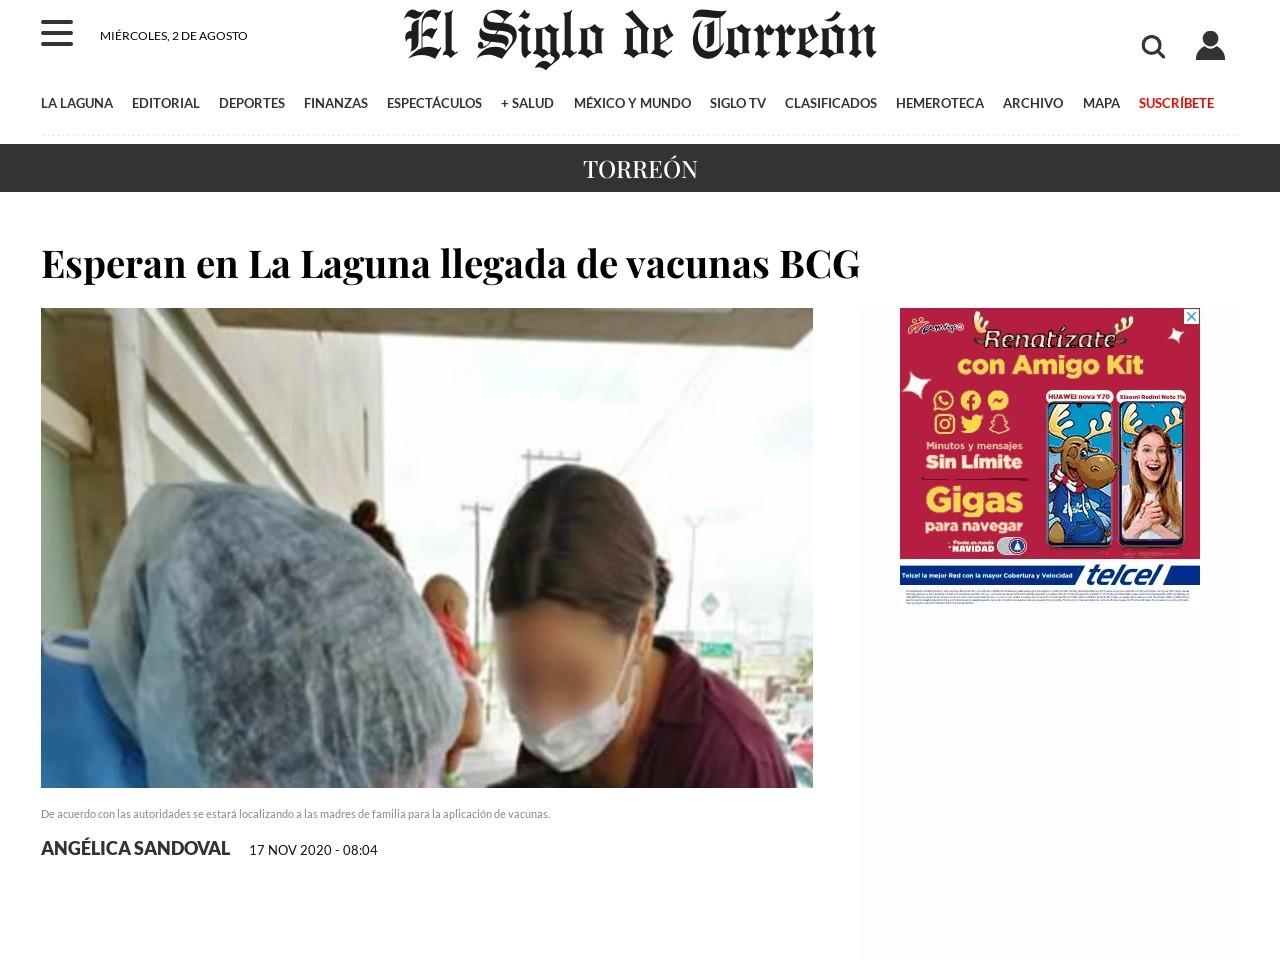 Esperan en La Laguna llegada de vacunas BCG